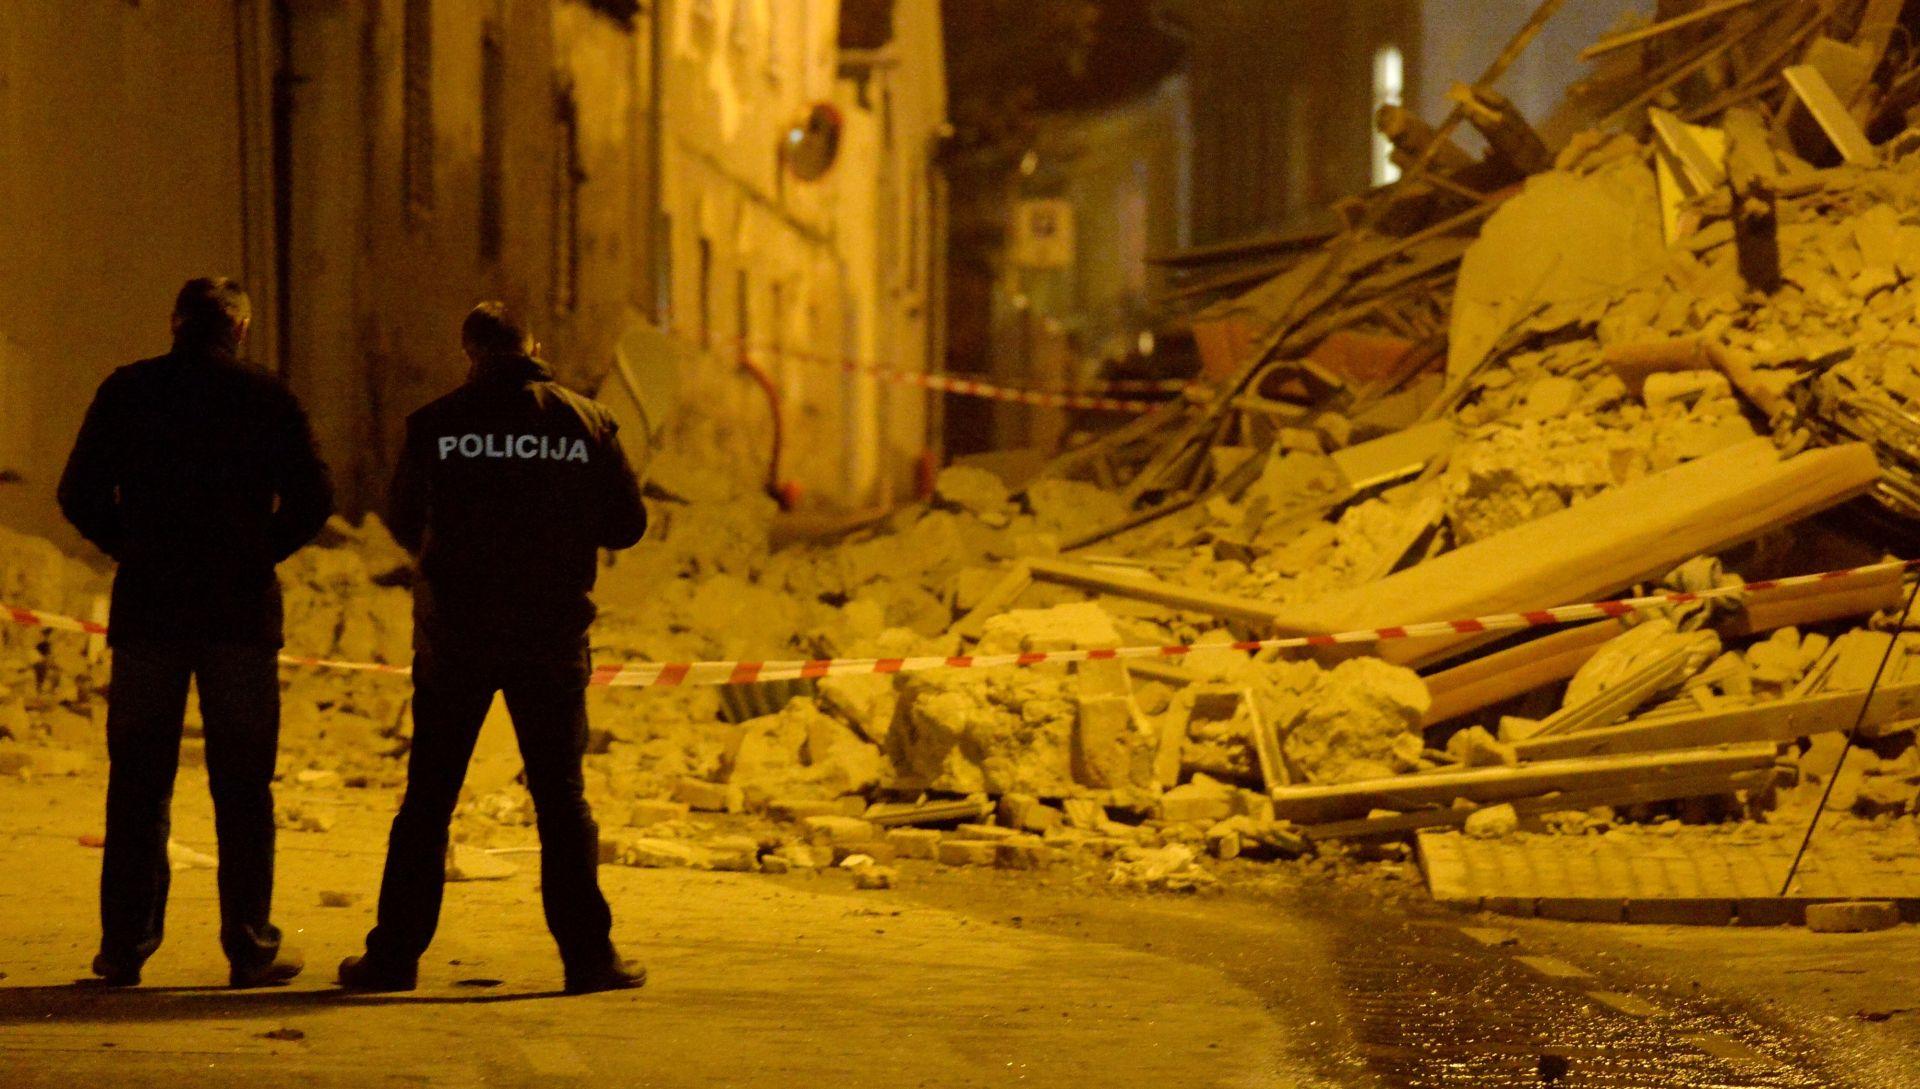 FOTO: EKSPLOZIJA U VARAŽDINSKIM TOPLICAMA Jedna osoba poginula, više ozlijeđenih